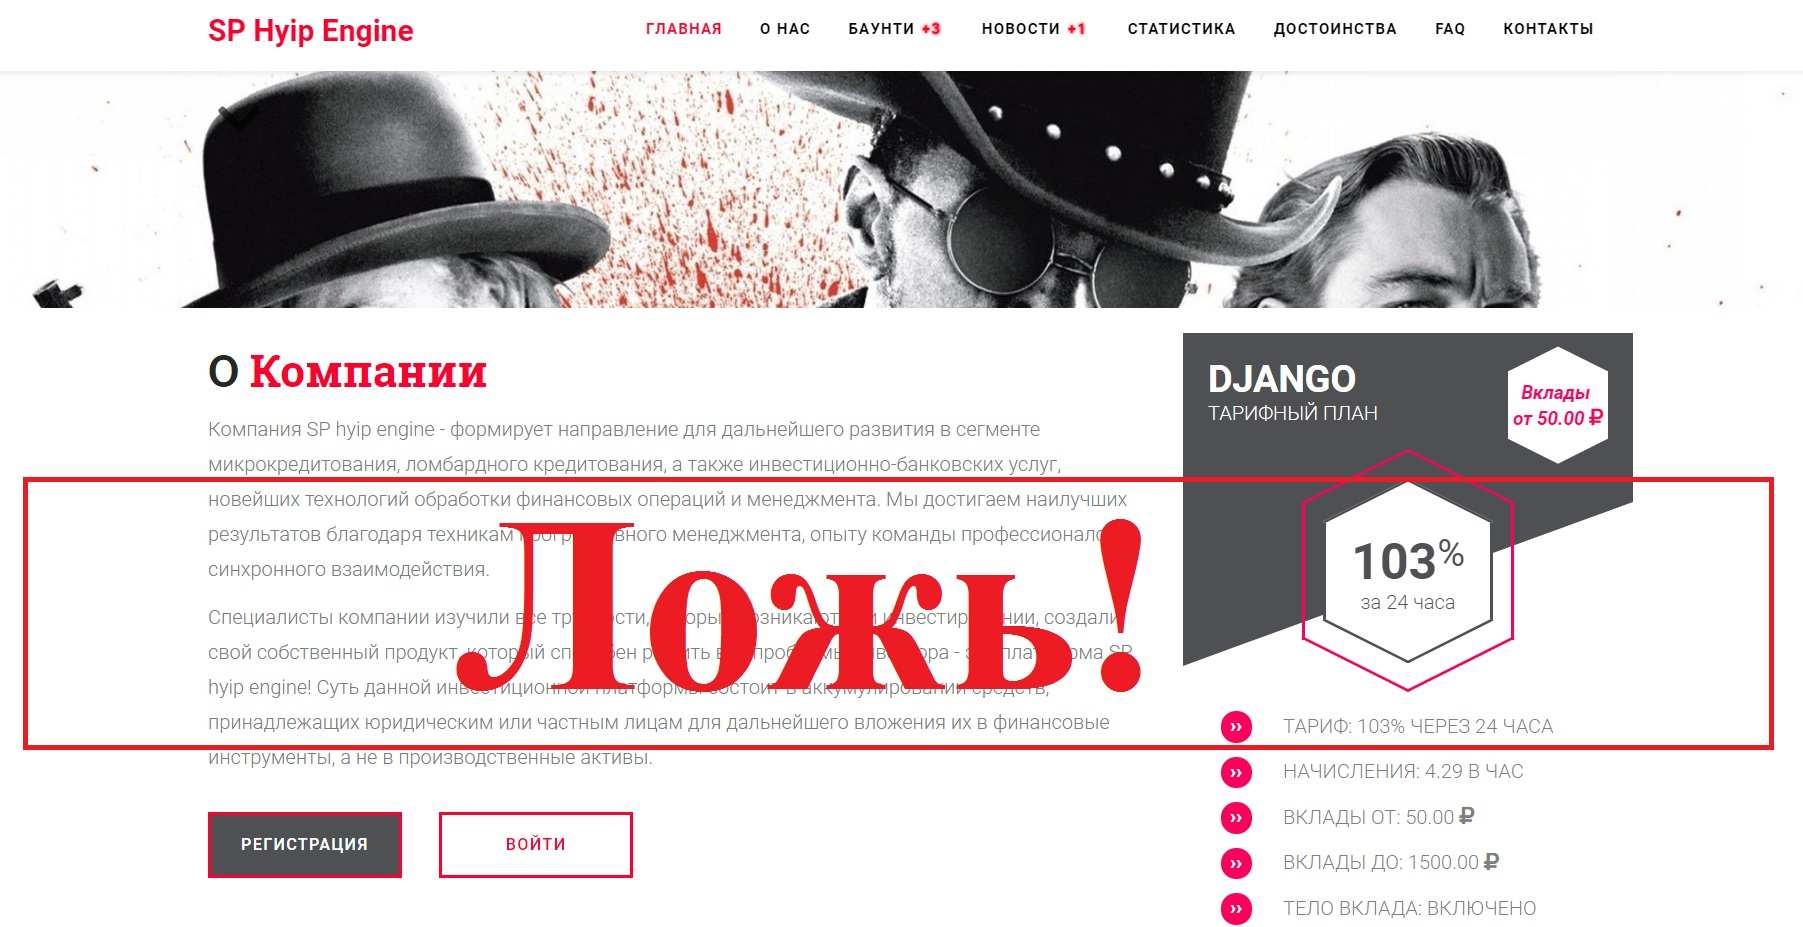 Django Invest – реальные отзывы о django-invest.biz